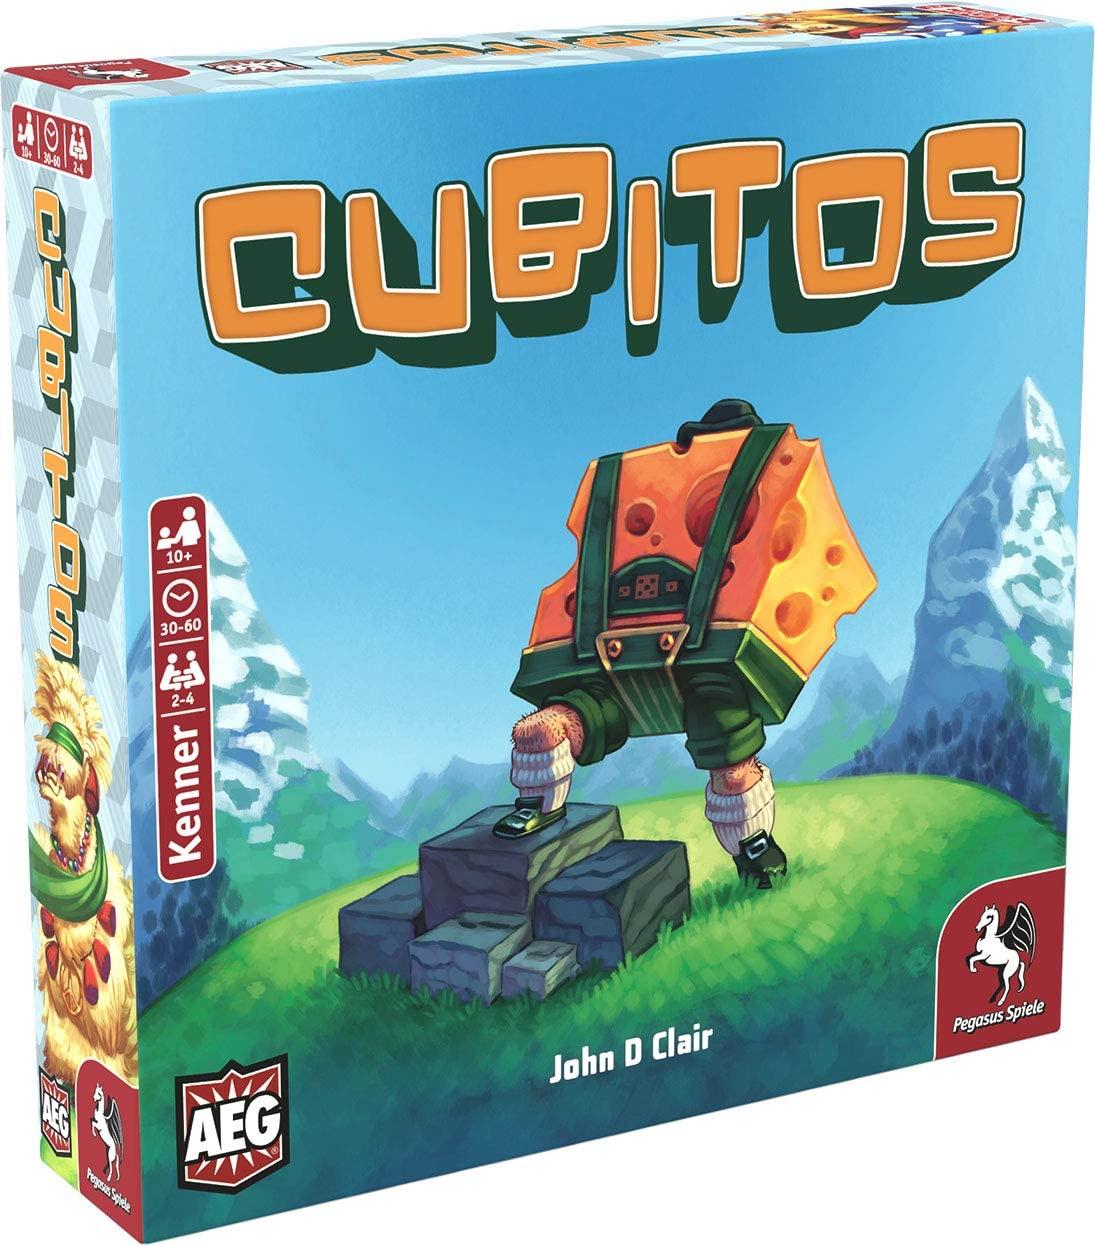 Cubitos Bild